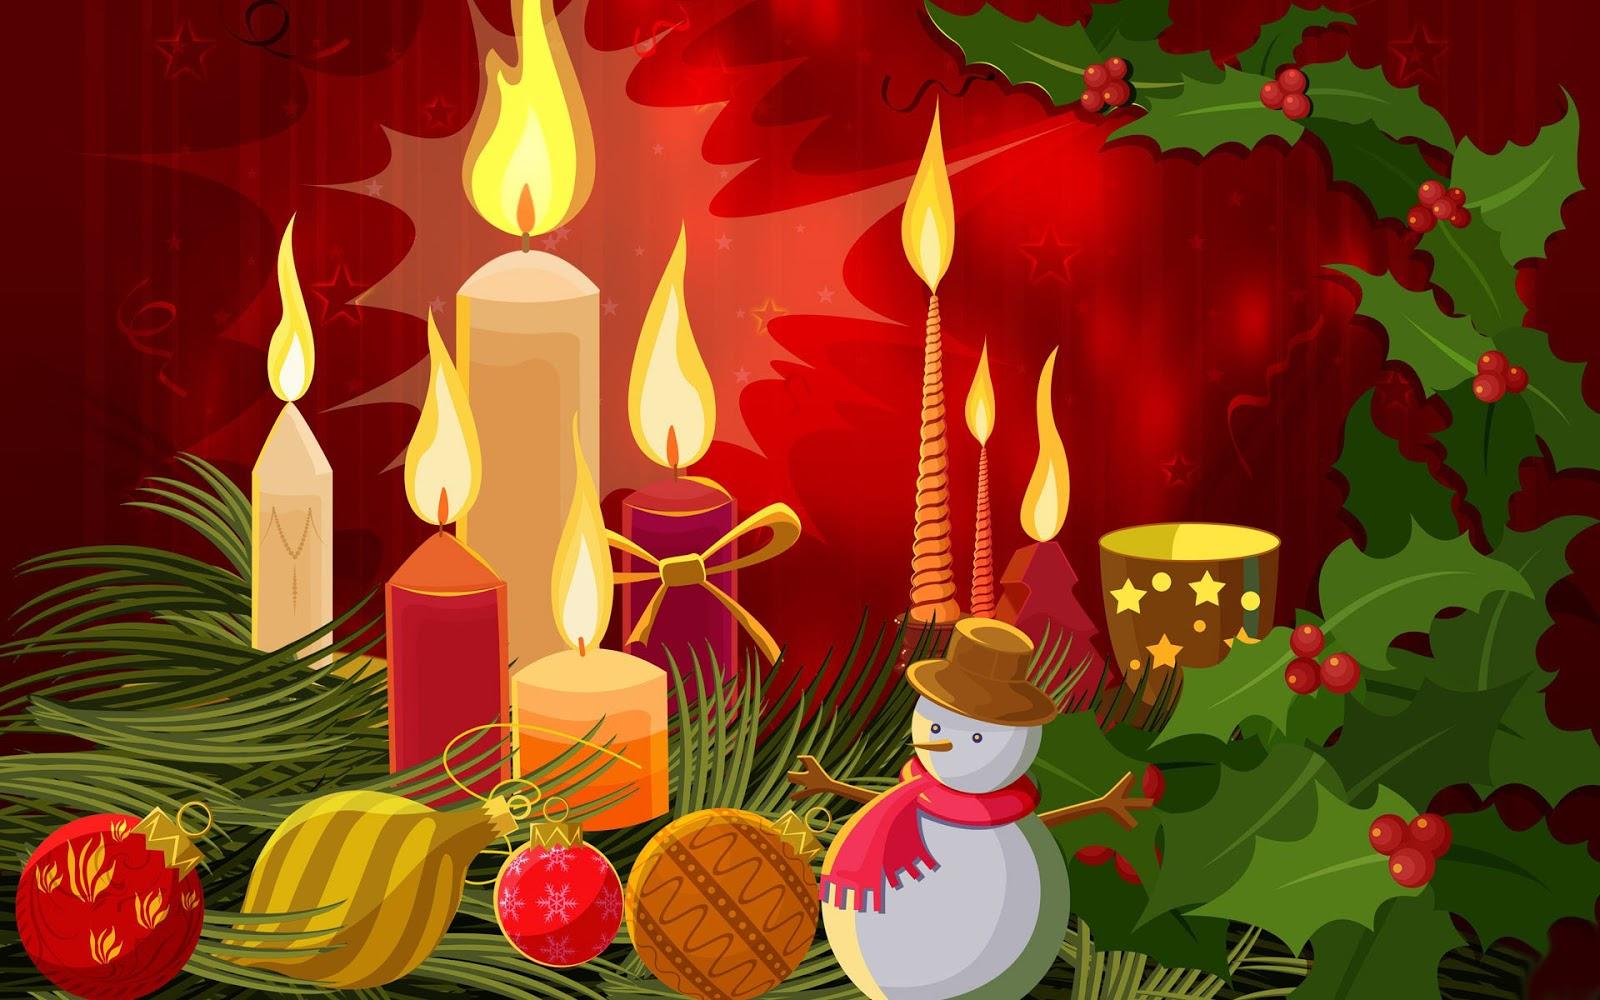 Canzone Di Natale Buon Natale.Gocce Di Note Canzoni Di Natale We Wish You A Merry Christmas Vi